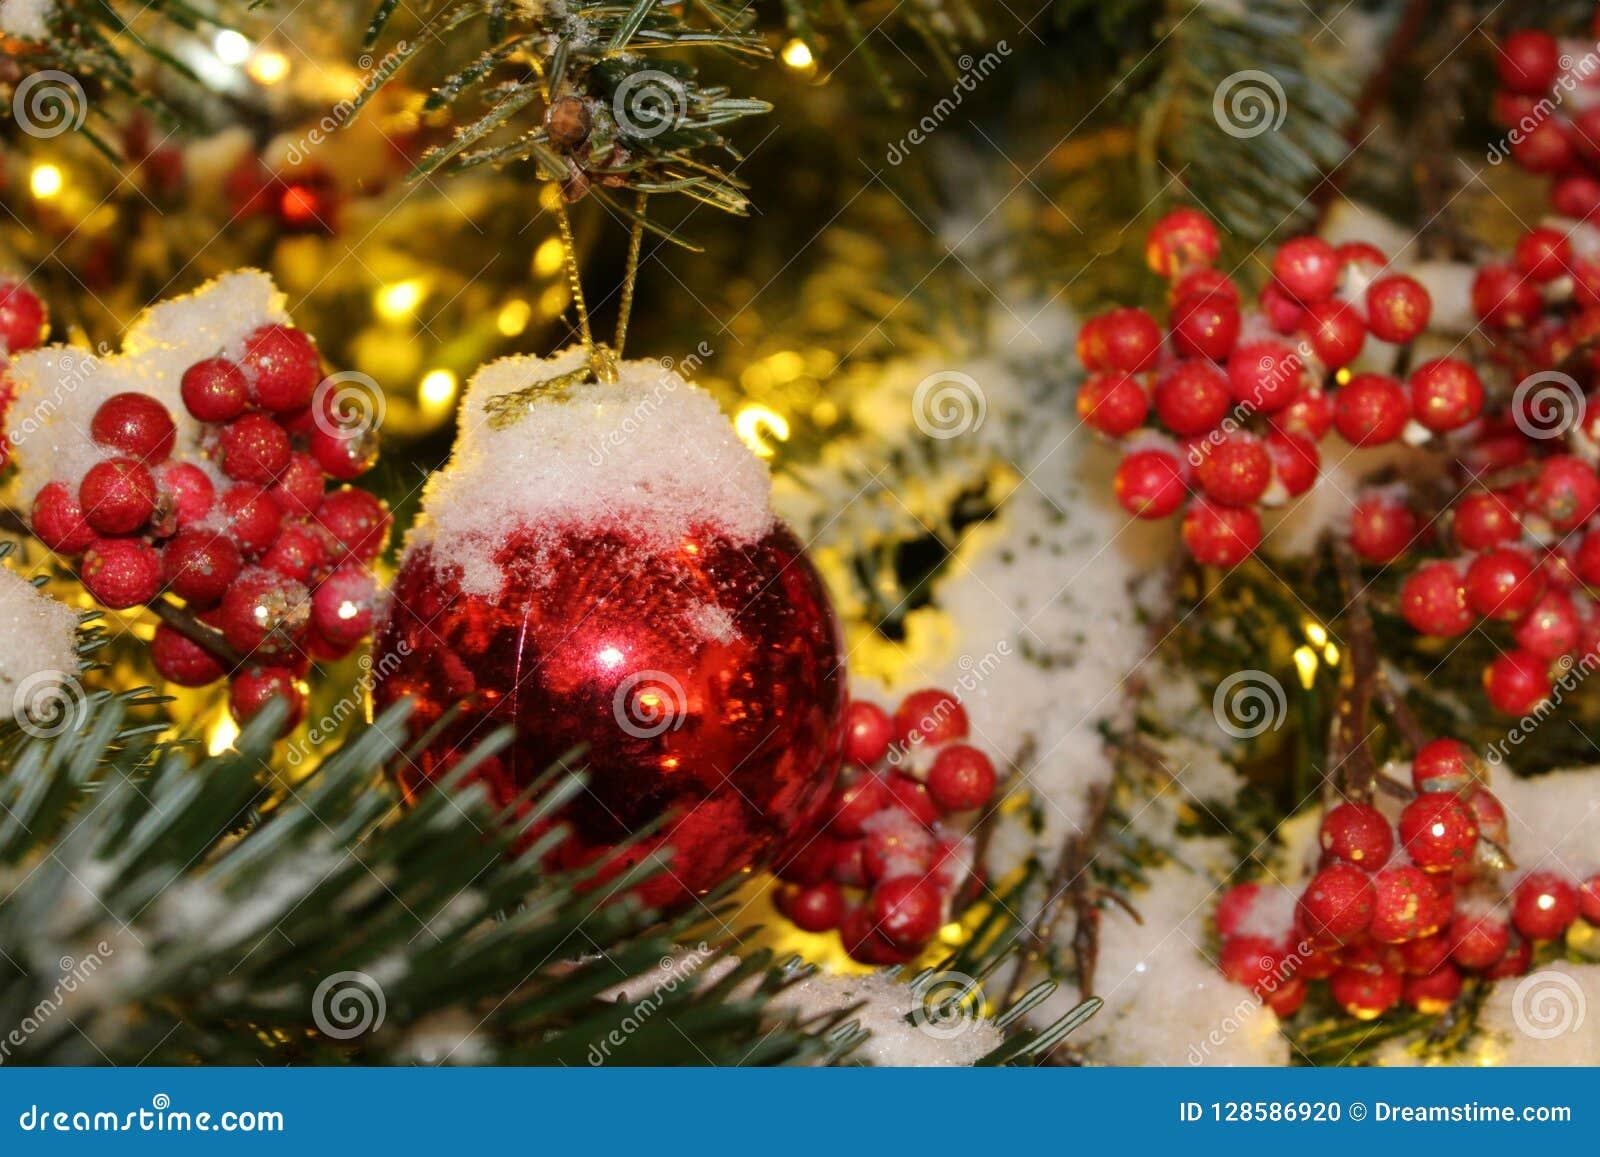 在圣诞树的圣诞节装饰在红色和金子上色撒布与光,特写镜头